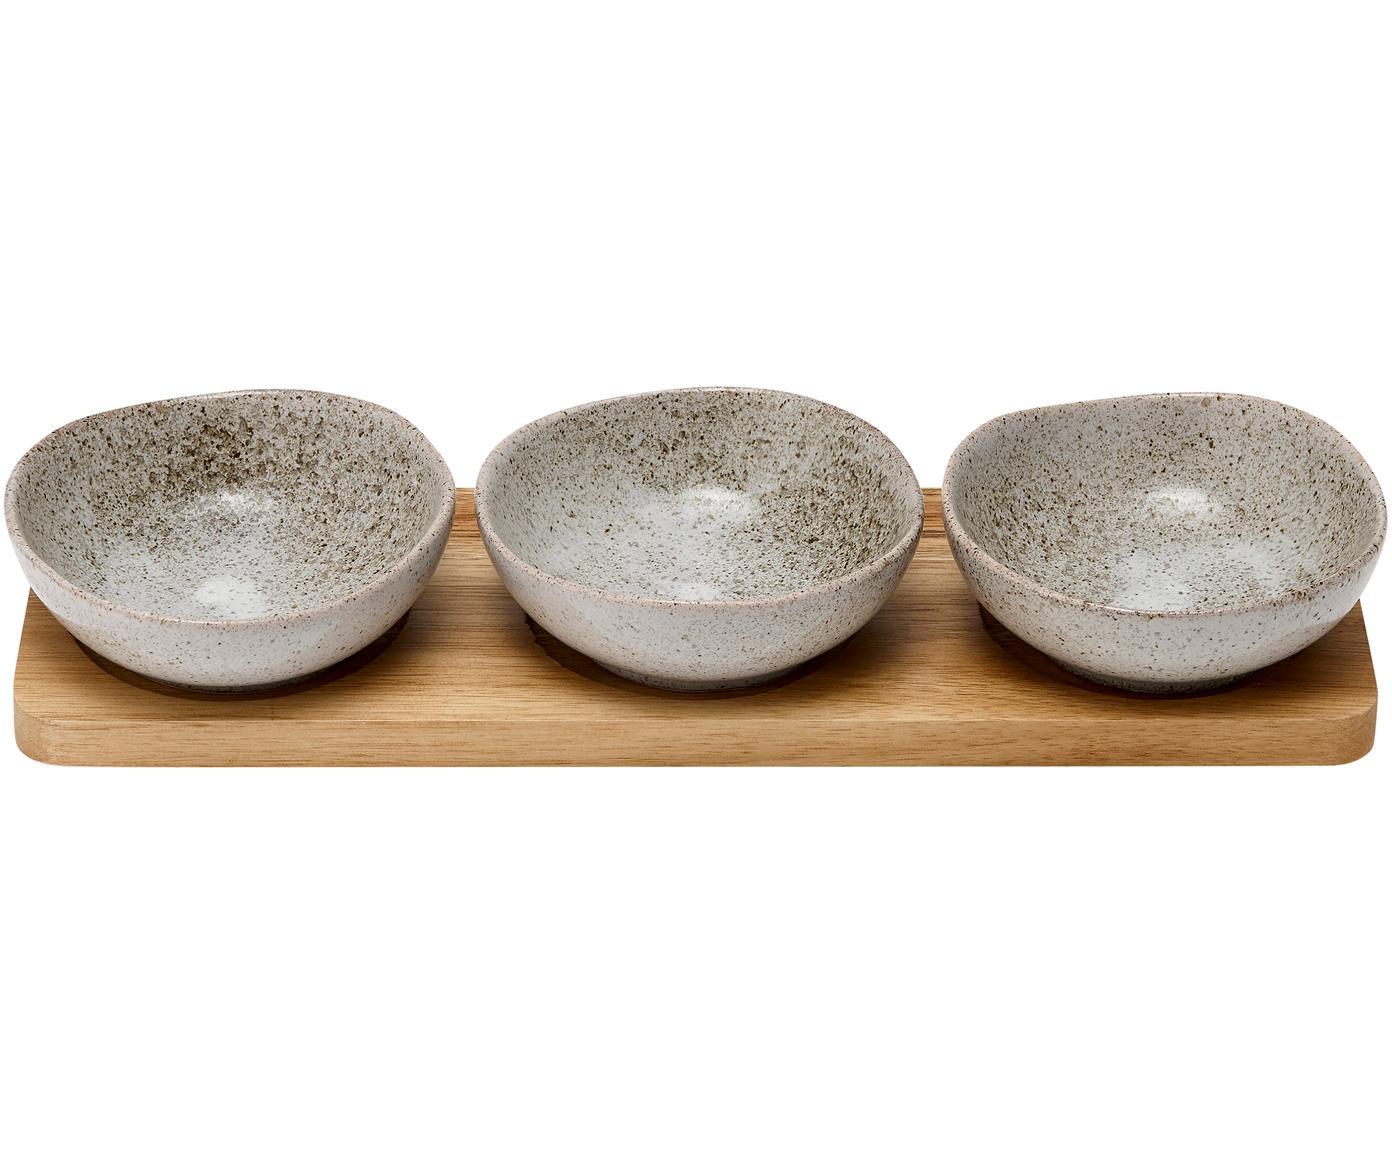 Schälchen-Set Artisan aus Porzellan und Akazienholz, 4-tlg., Schälchen: Porzellan, Tablett: Akazienholz, Grau, Akazienholz, Sondergrößen